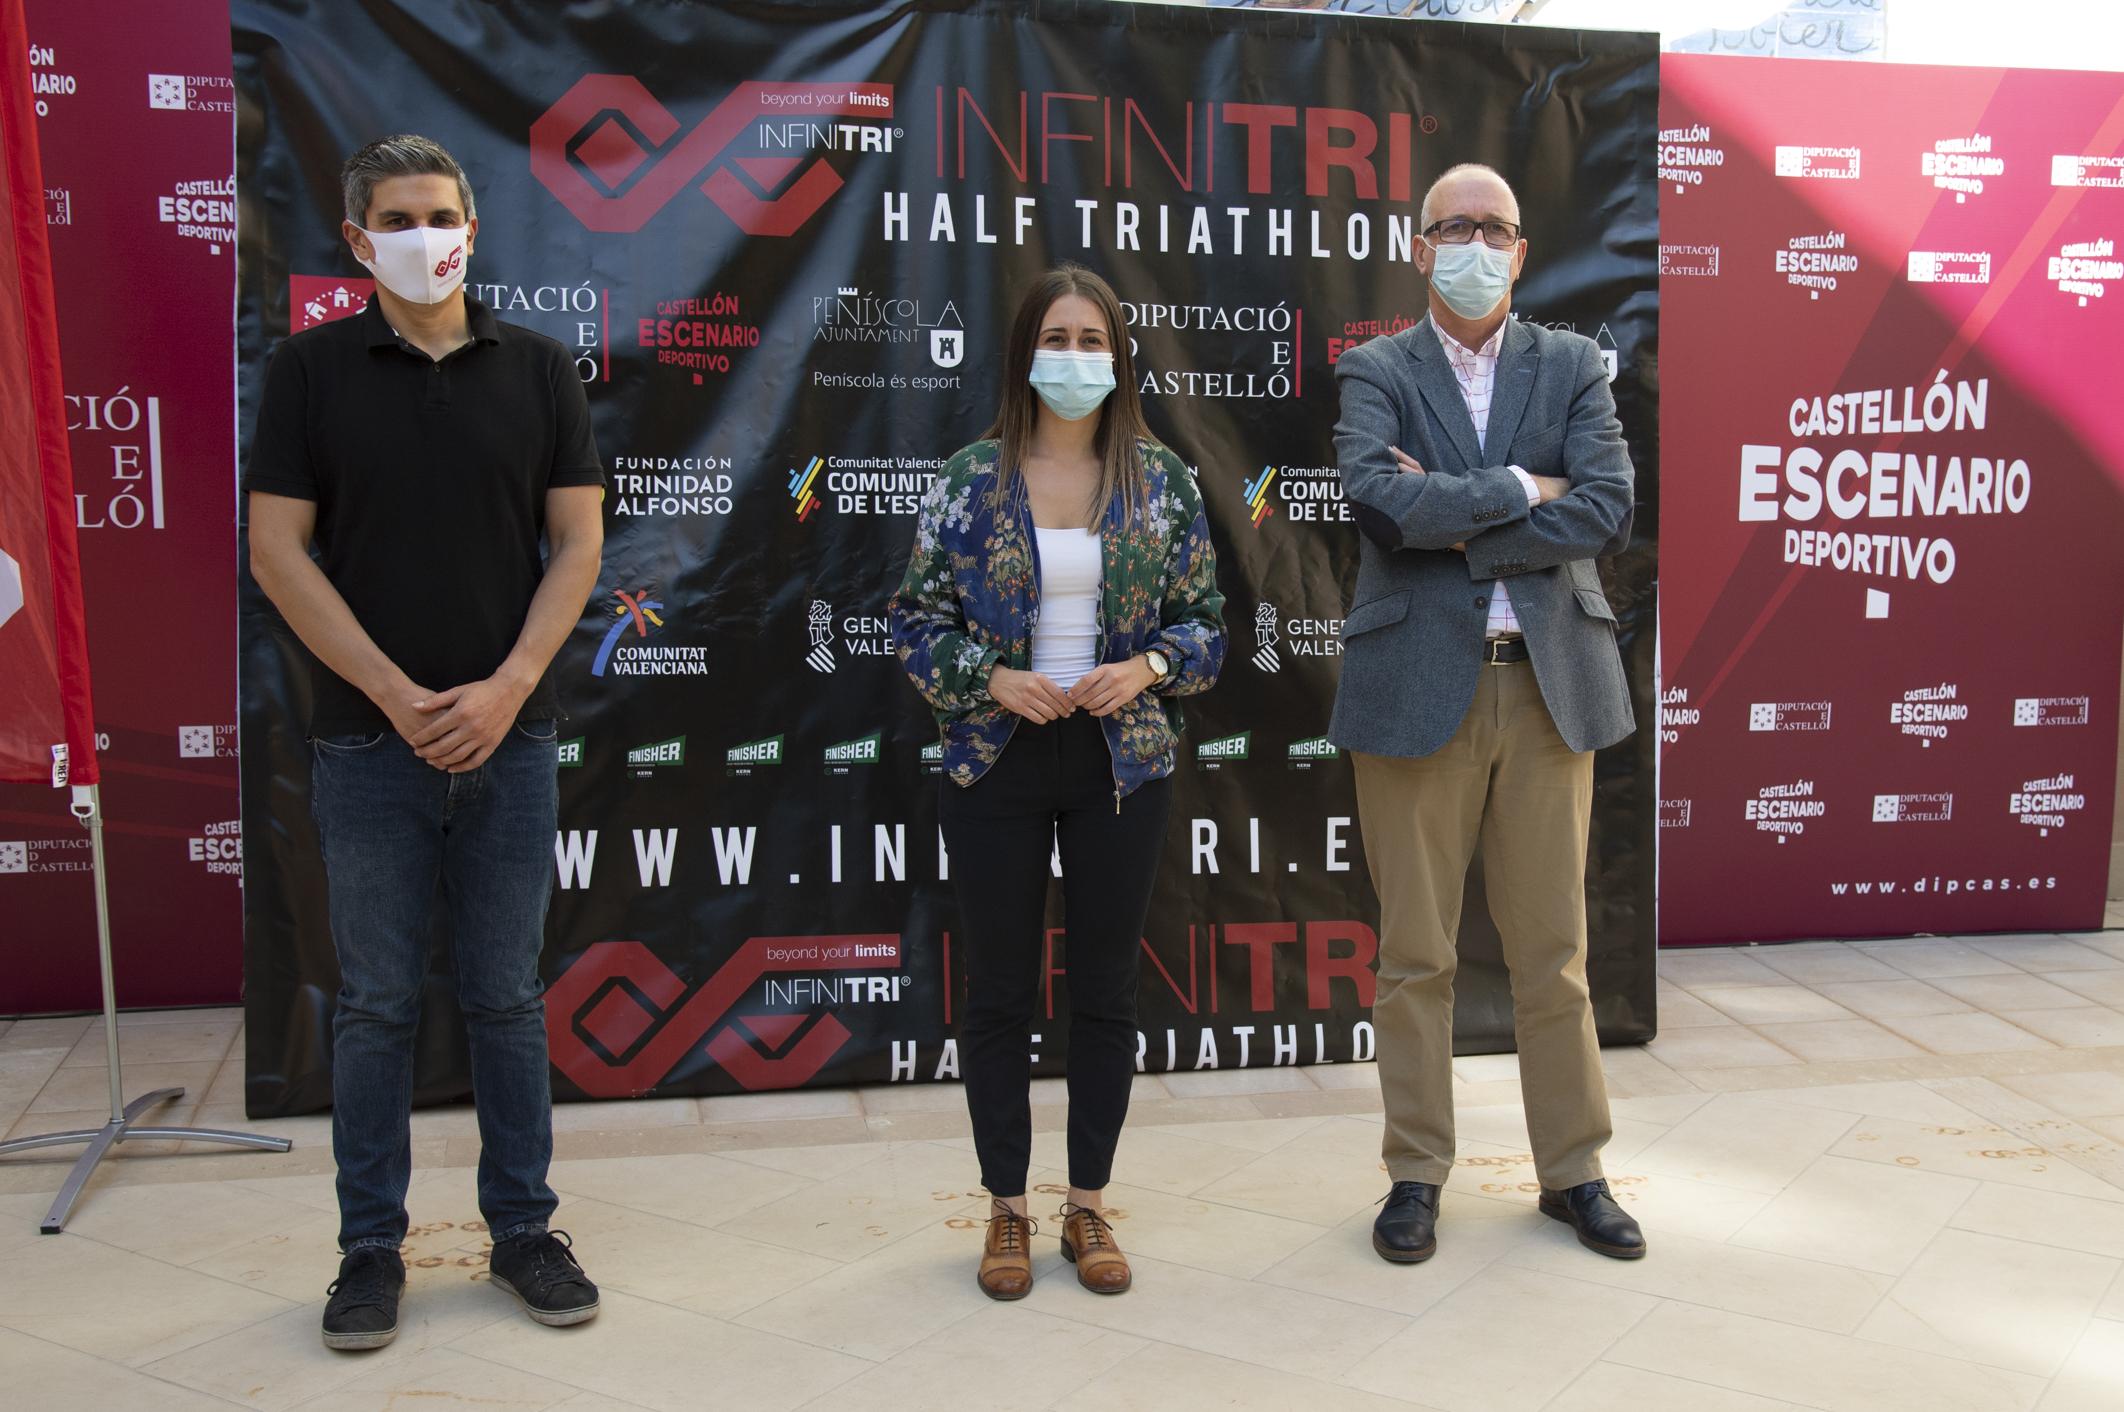 La Diputación de Castellón subvenciona con 25.000 euros la VIII Infitri Half Triathlon de Peñíscola